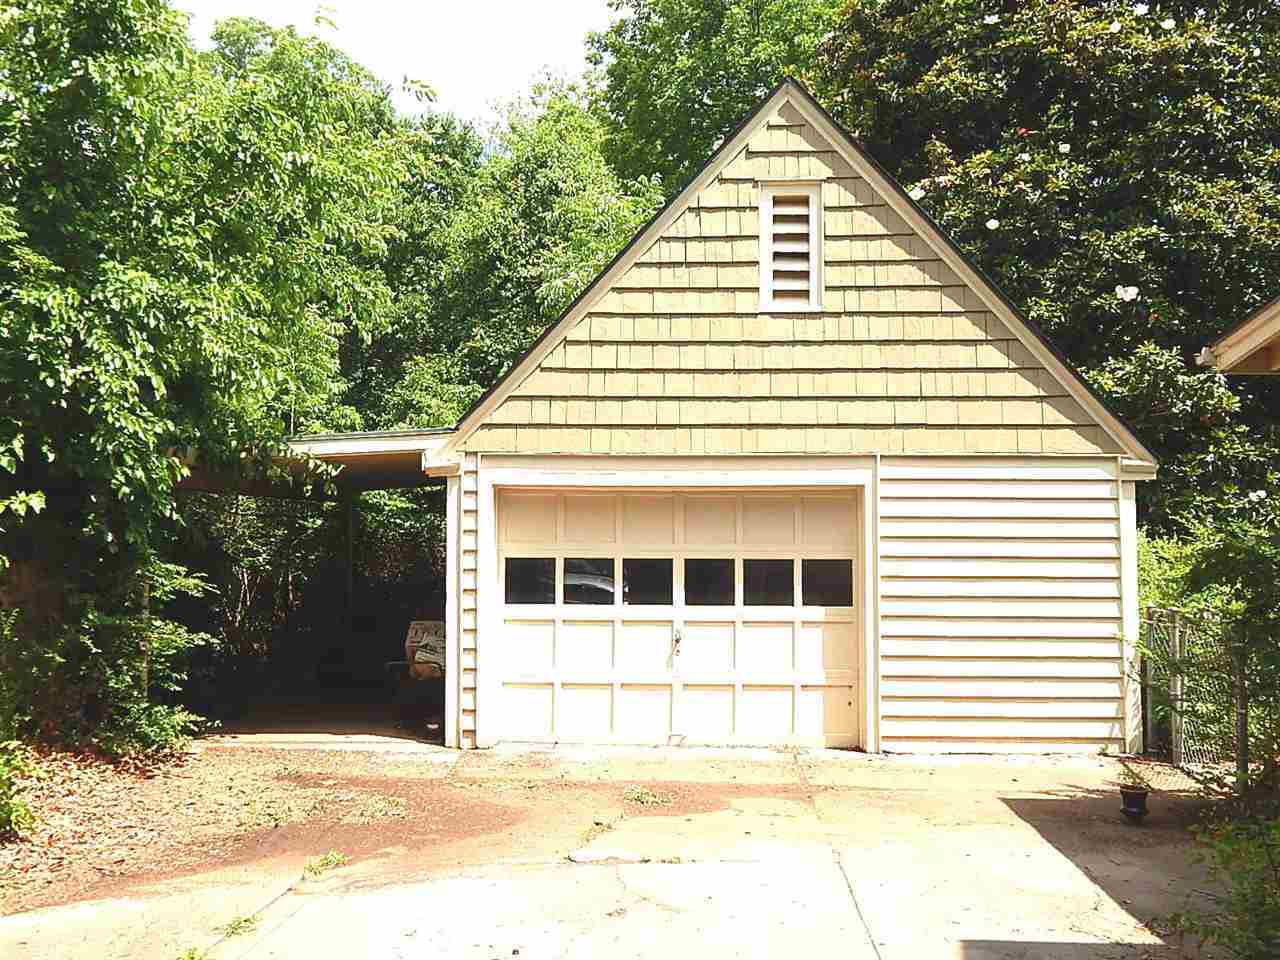 Sold Intraoffice W/MLS | 215 Virginia Ponca City, OK 74601 26